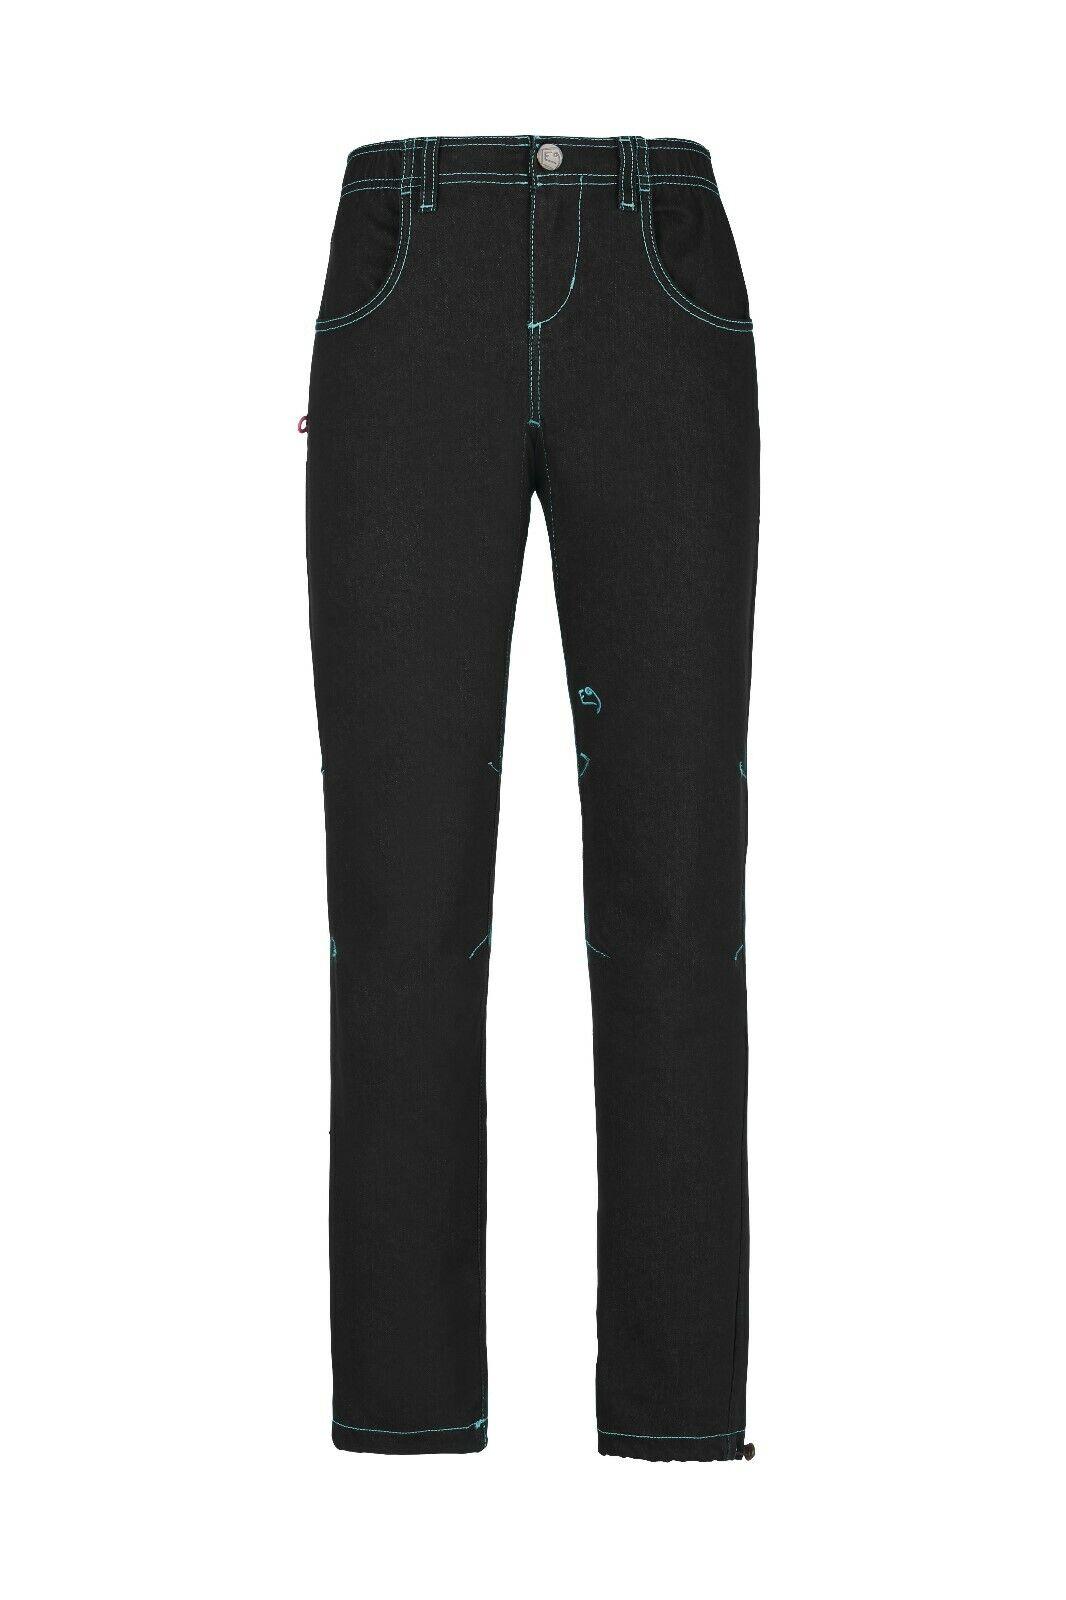 E9 Ili Donne Pantaloni per Arrampicata Boulderhose per Donna Jeans Denim Nero